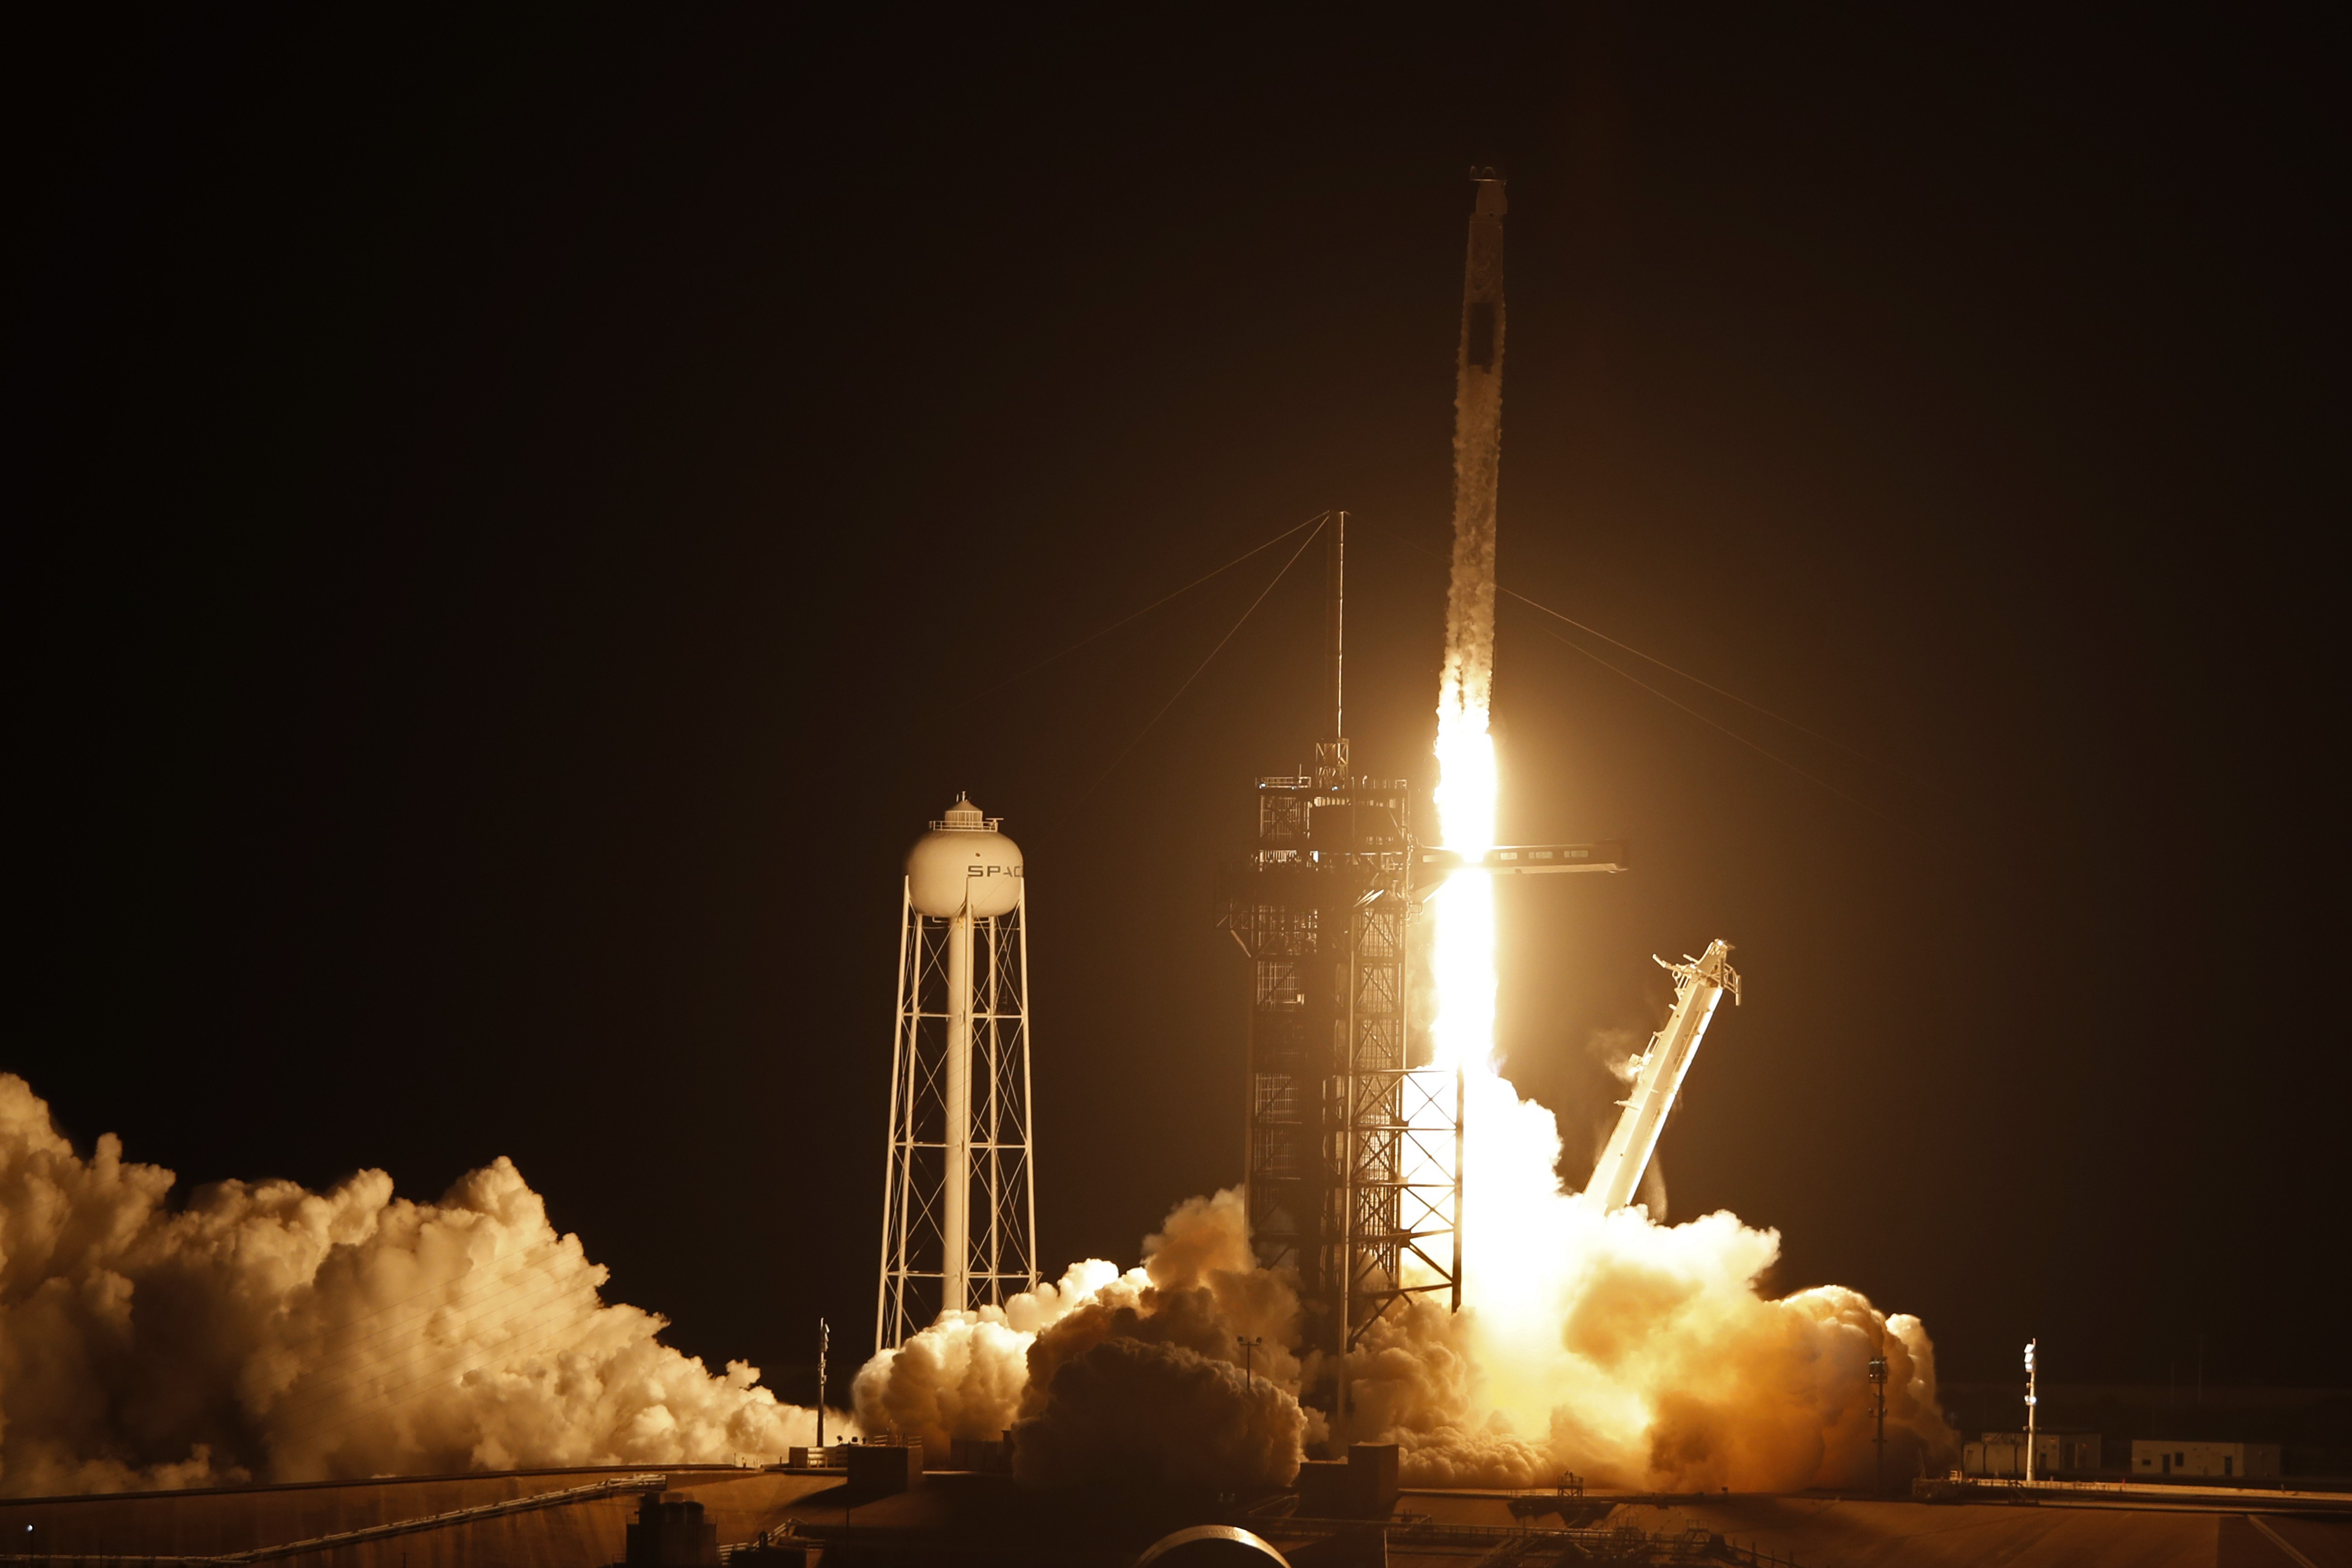 SpaceX e Nasa lançam 4 astronautas rumo à estação espacial; veja vídeo